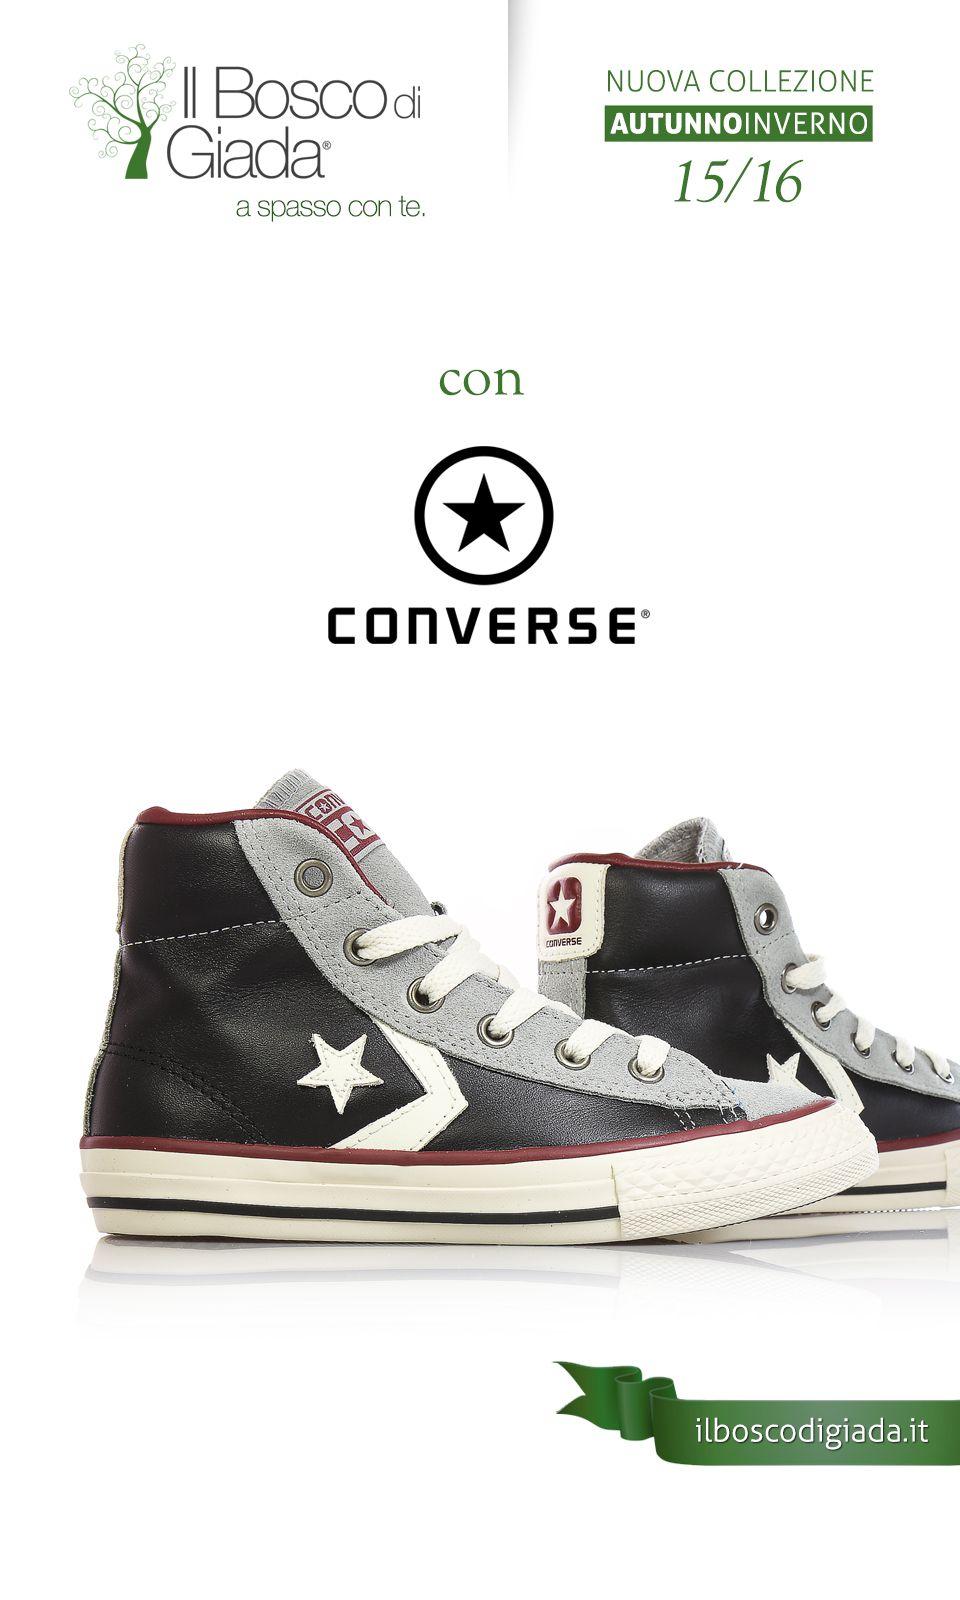 100% authentic f421e 409ce Nuova Collezione #converse Autunno-Inverno 15/16. #Scarpe ...